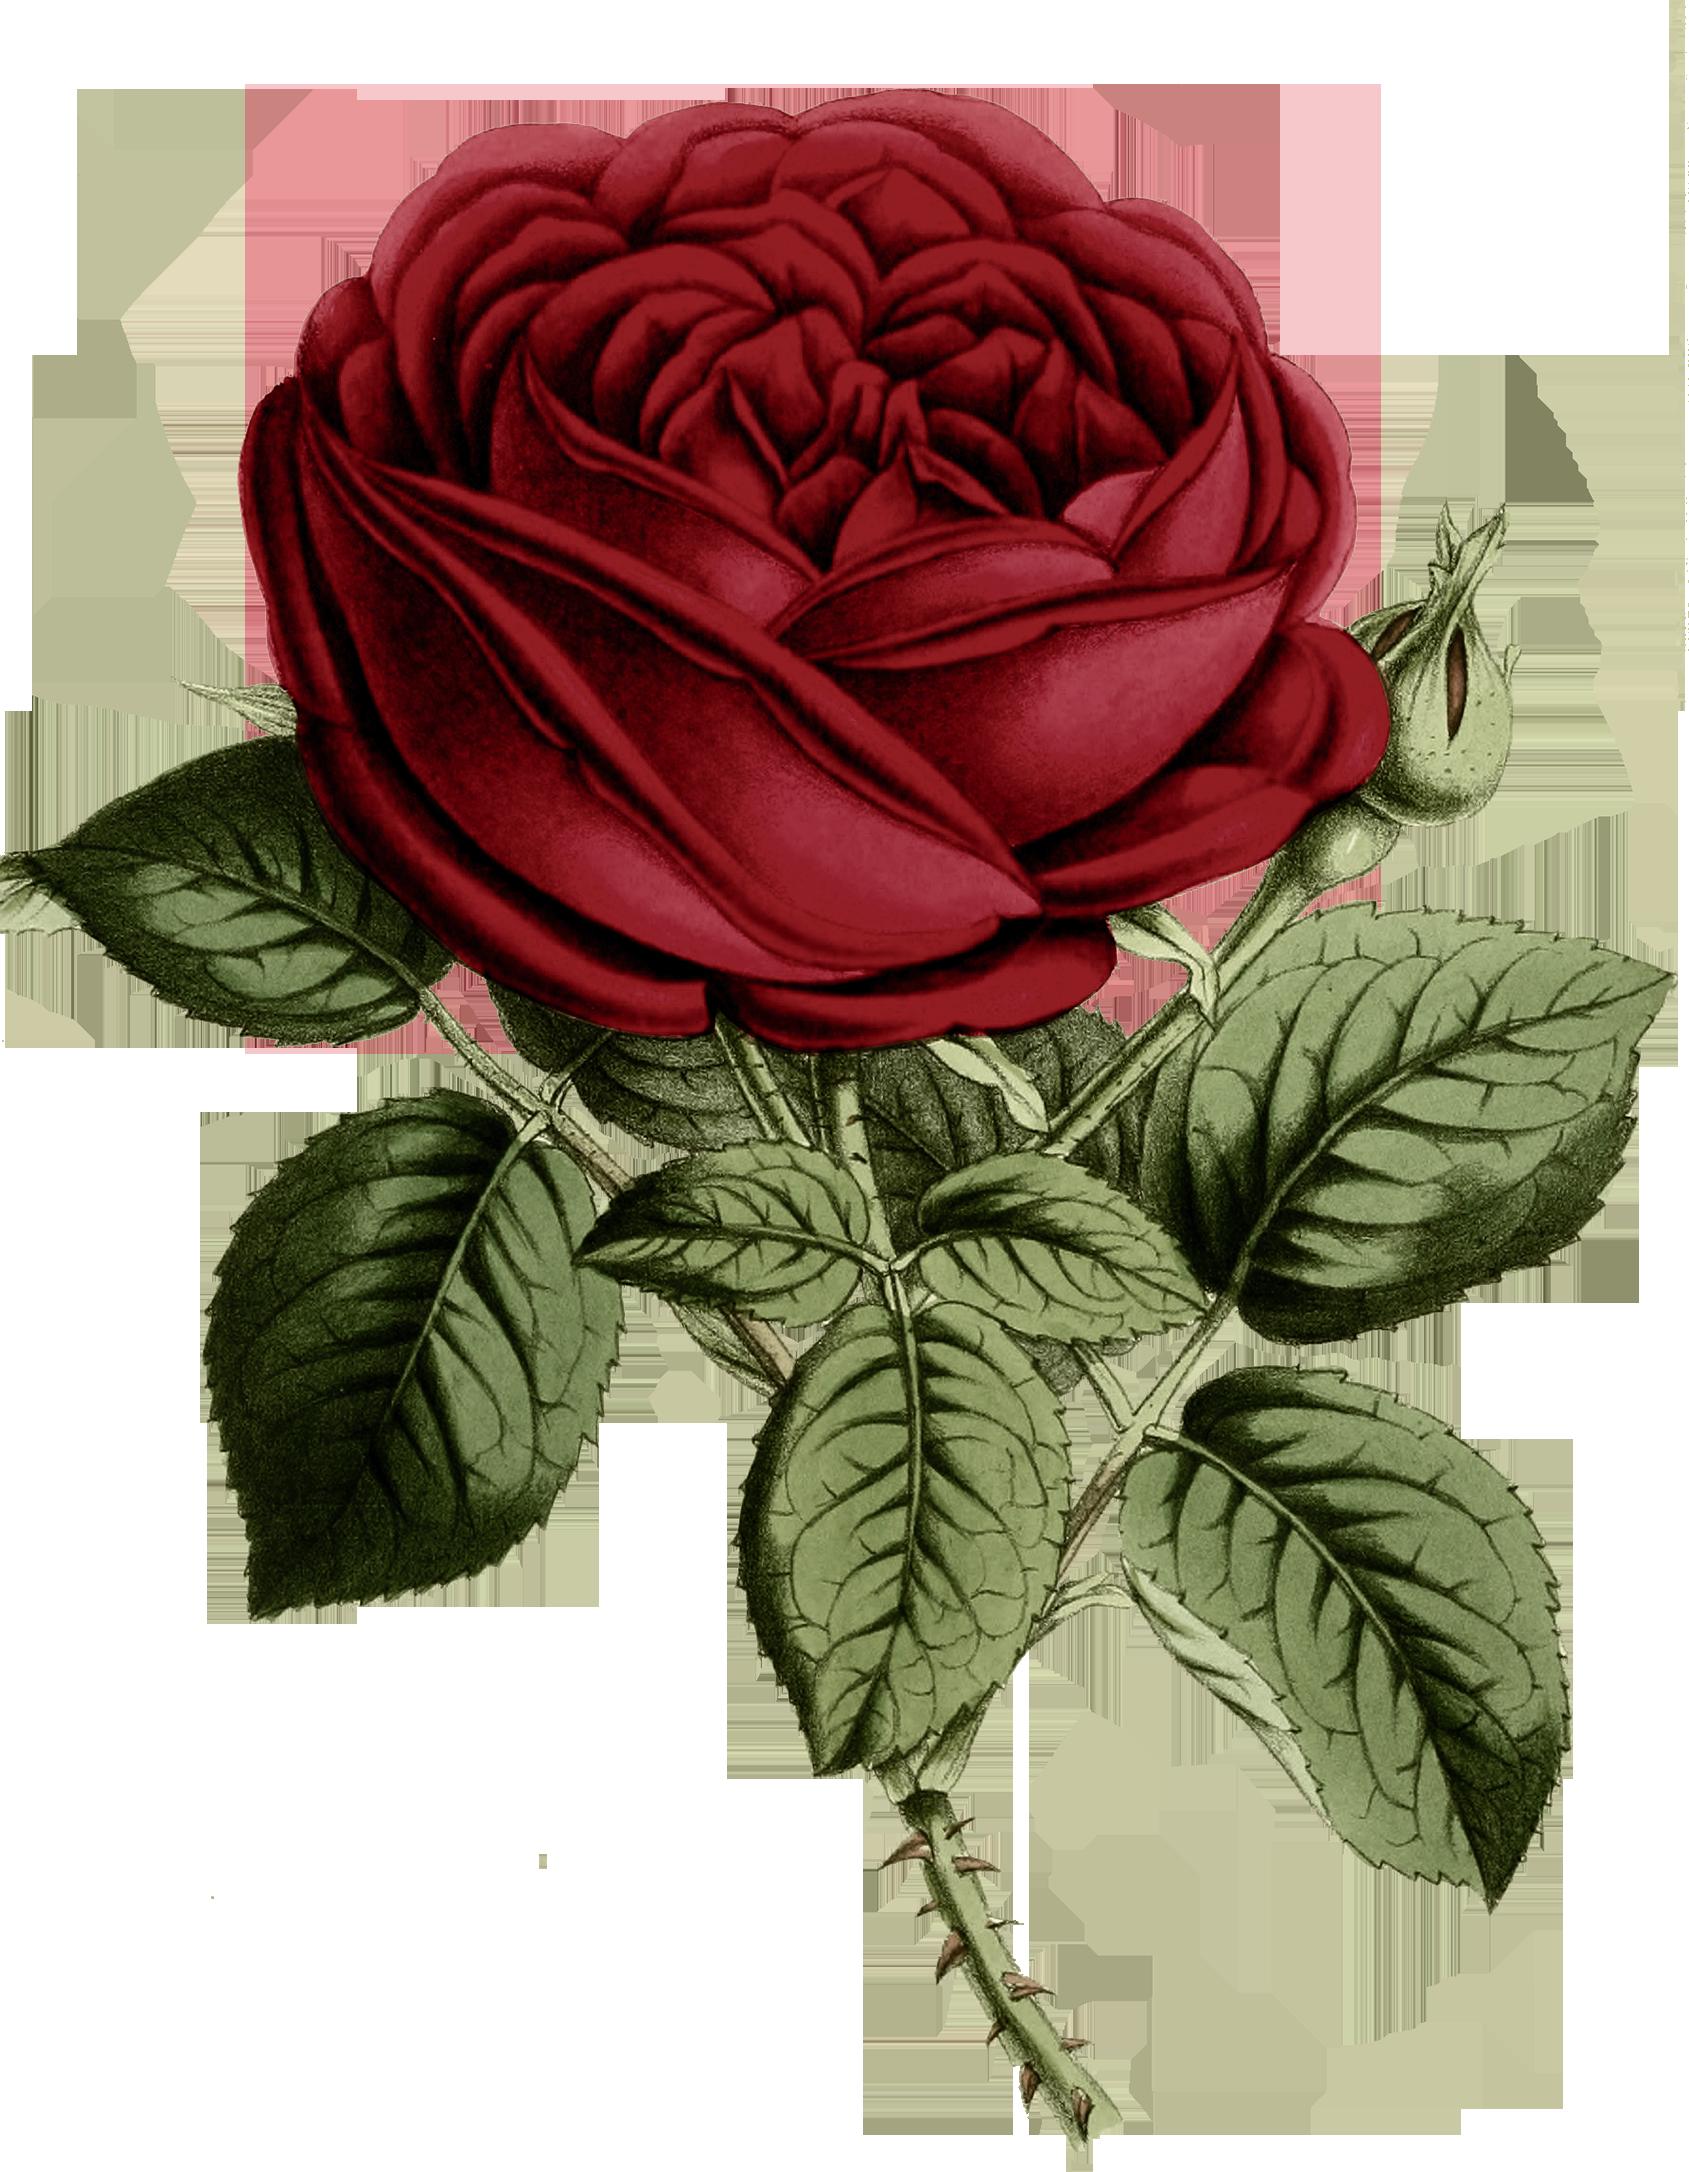 роза на белом фоне картинки мультяшные упала обрушилась